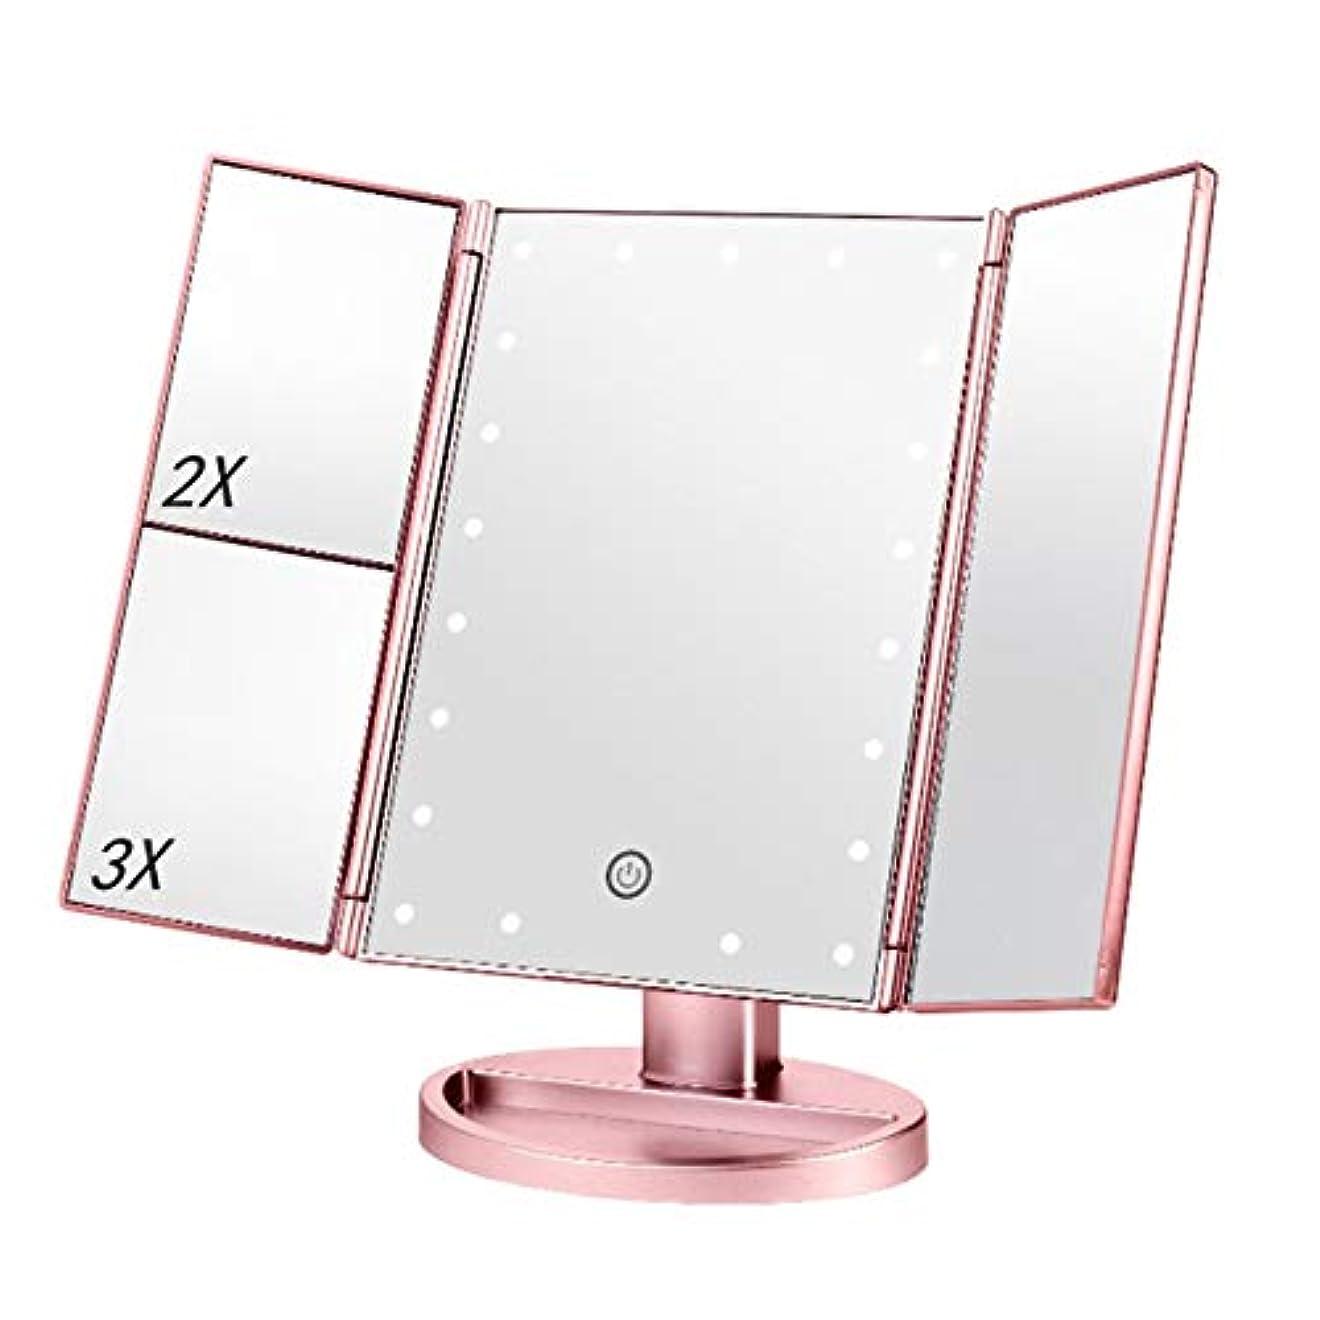 信号酒ラブSanguine 化粧鏡 女優ミラー 卓上ミラー ライト付き 三面鏡 卓上 化粧鏡 折りたたみ スタンドミラー LED付き 22個LED 2倍&3倍 15倍拡大鏡付き 明るさ 180°自由調整 収納便利 ローズゴールド